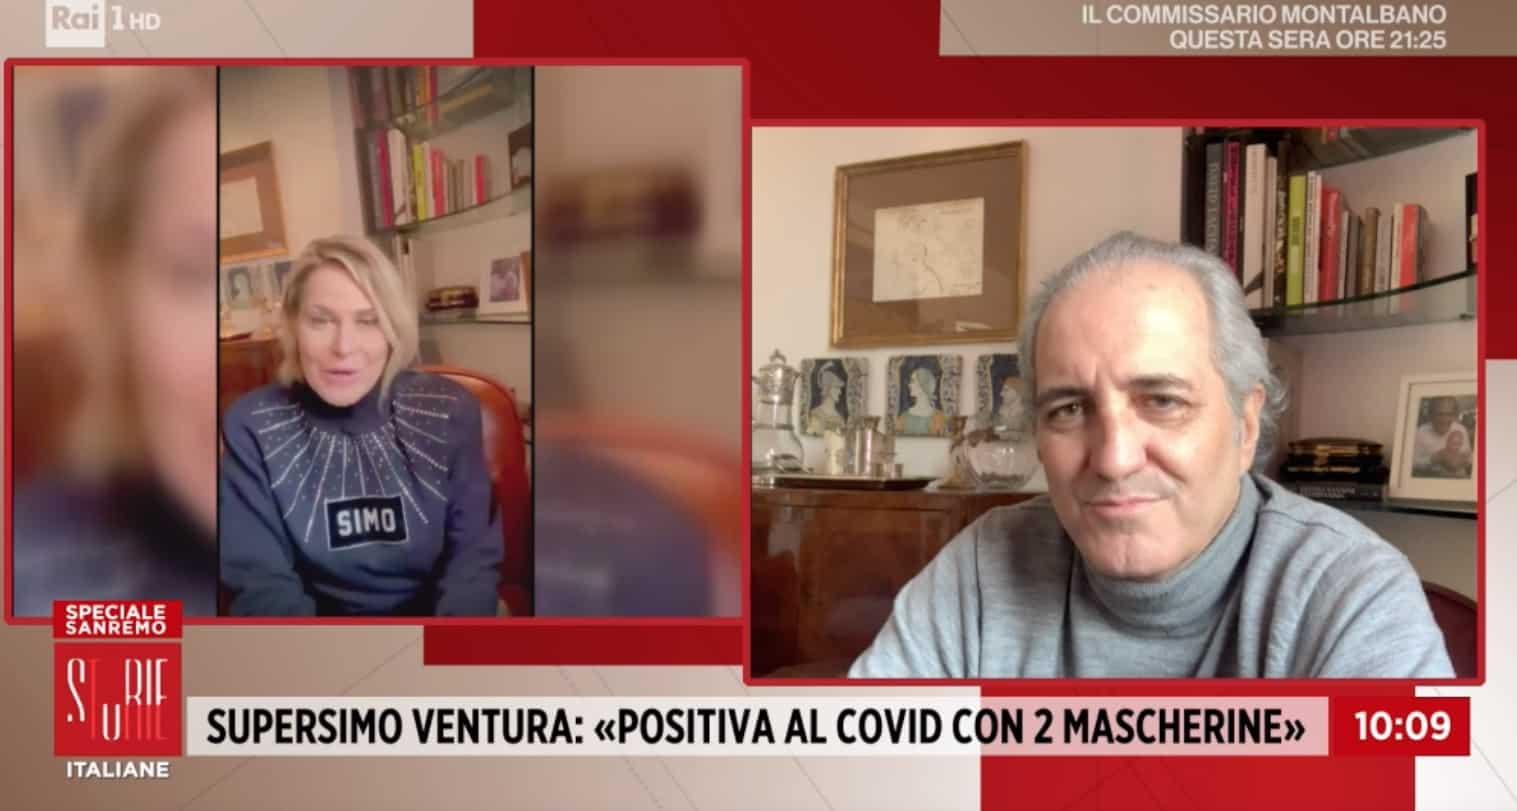 Simona Ventura fa un appello, non sa come si è contagiata: Giovanni Terzi e la figlia positivi